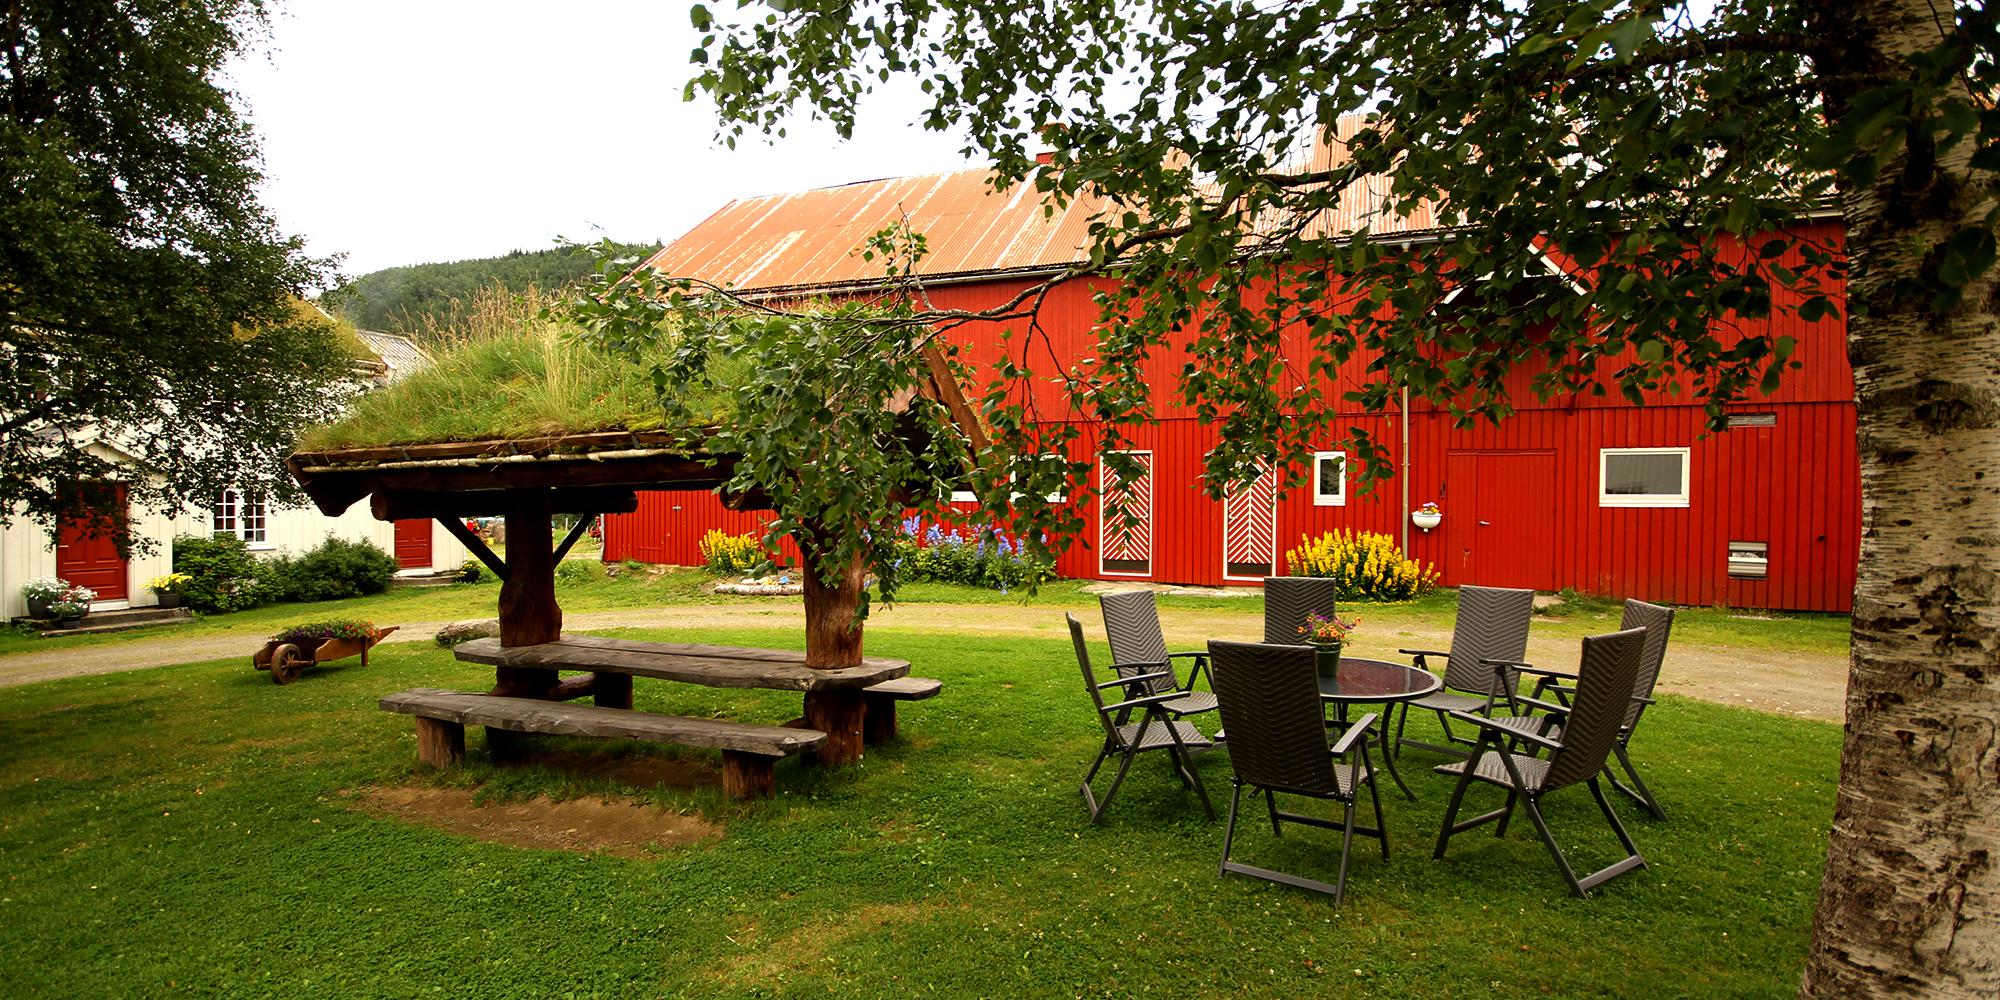 Mokk farm. Copyright: Mokk gård